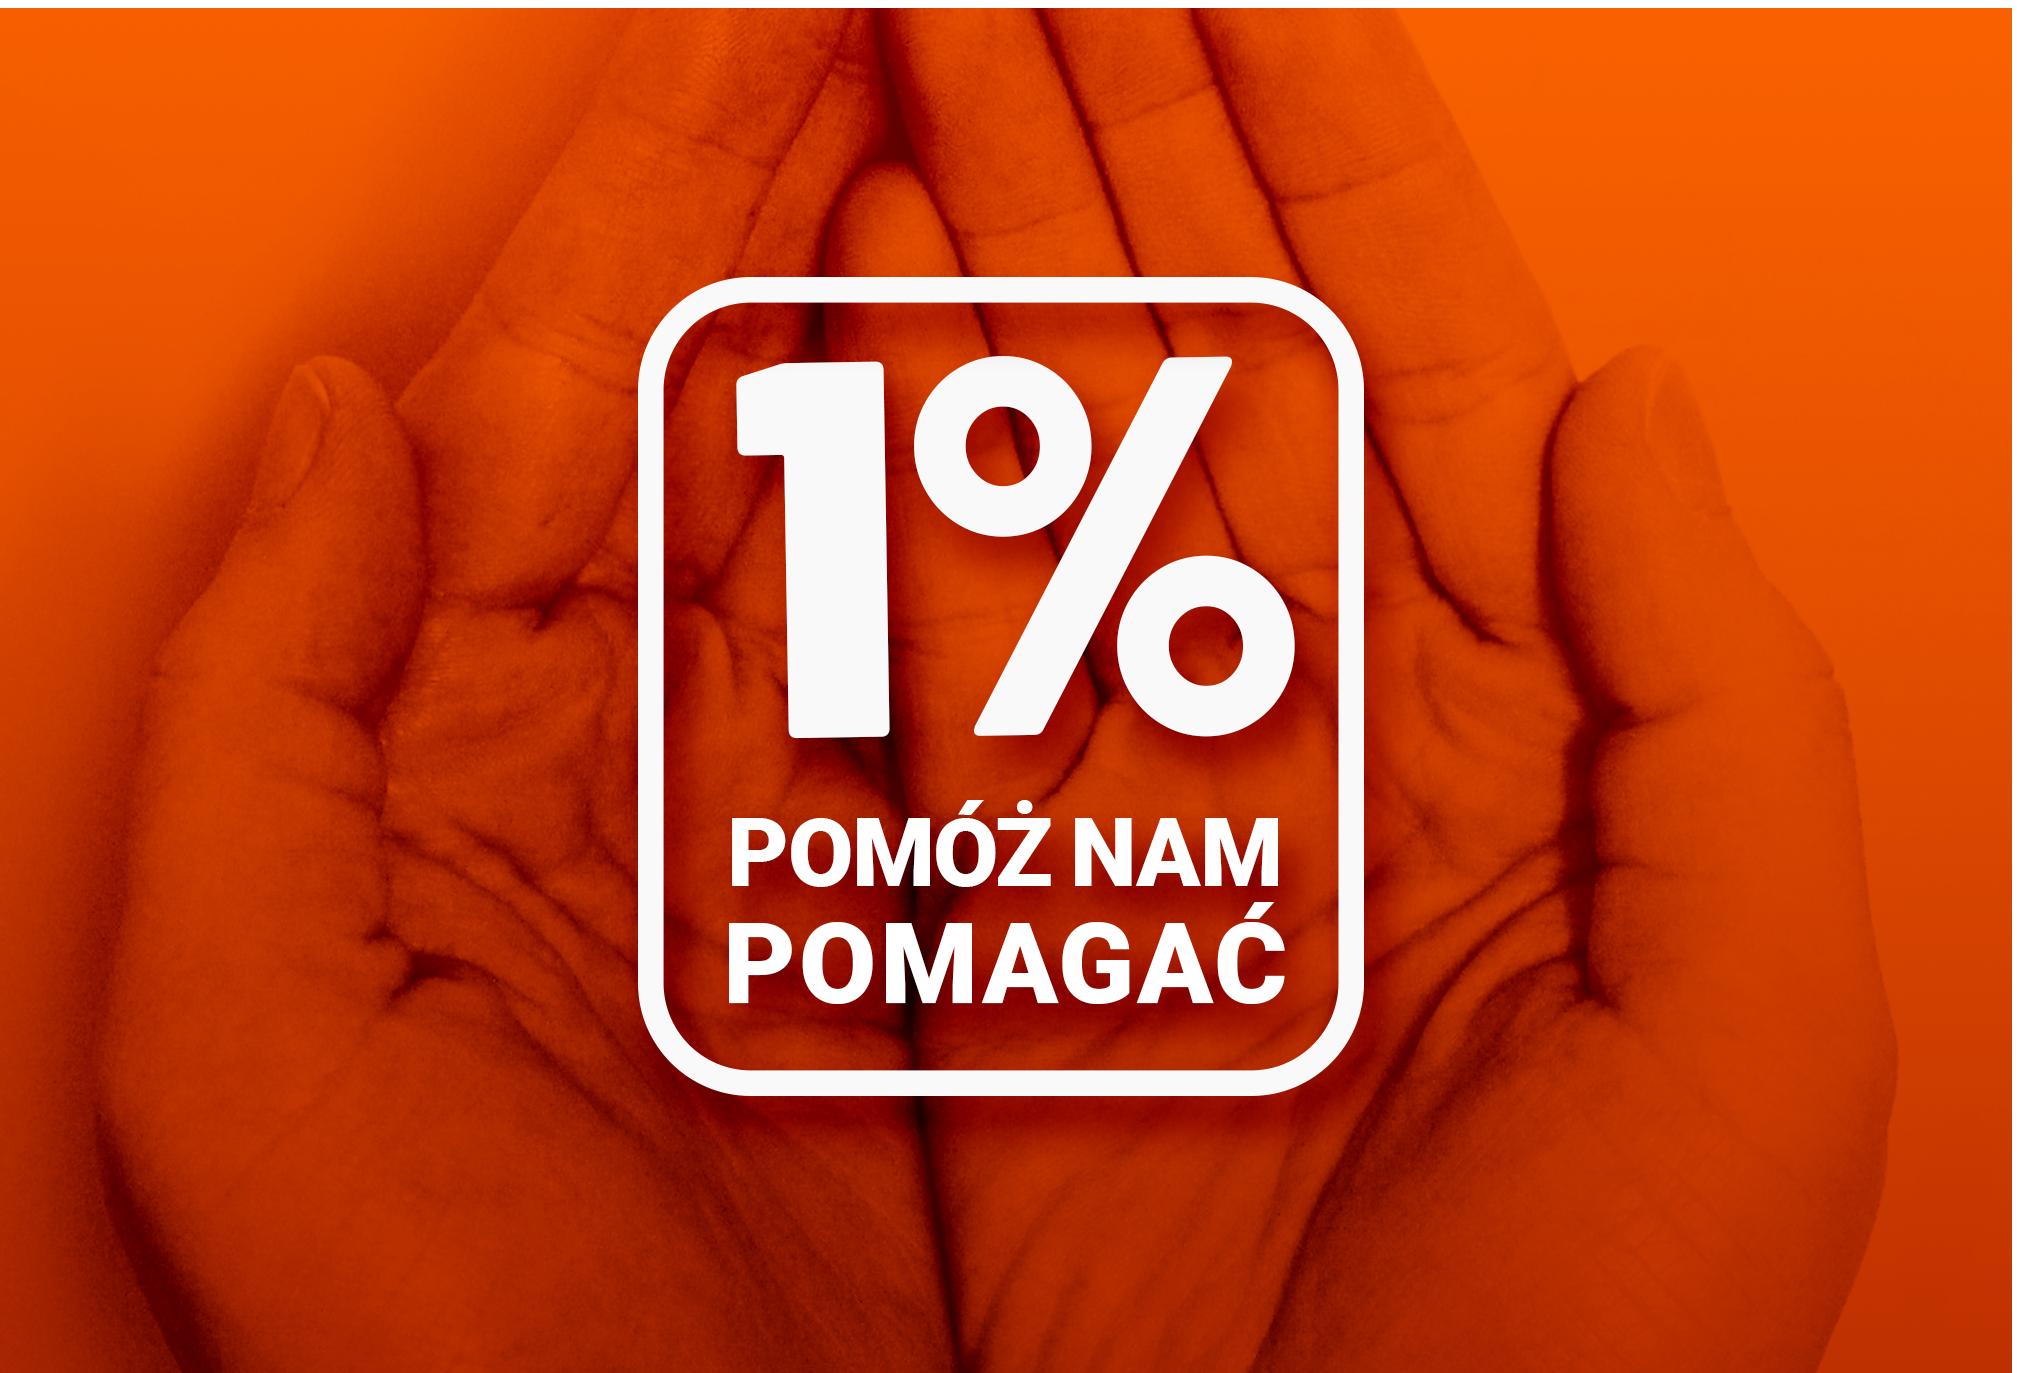 Pomóż nam pomagać – przekaż swój 1% podatku